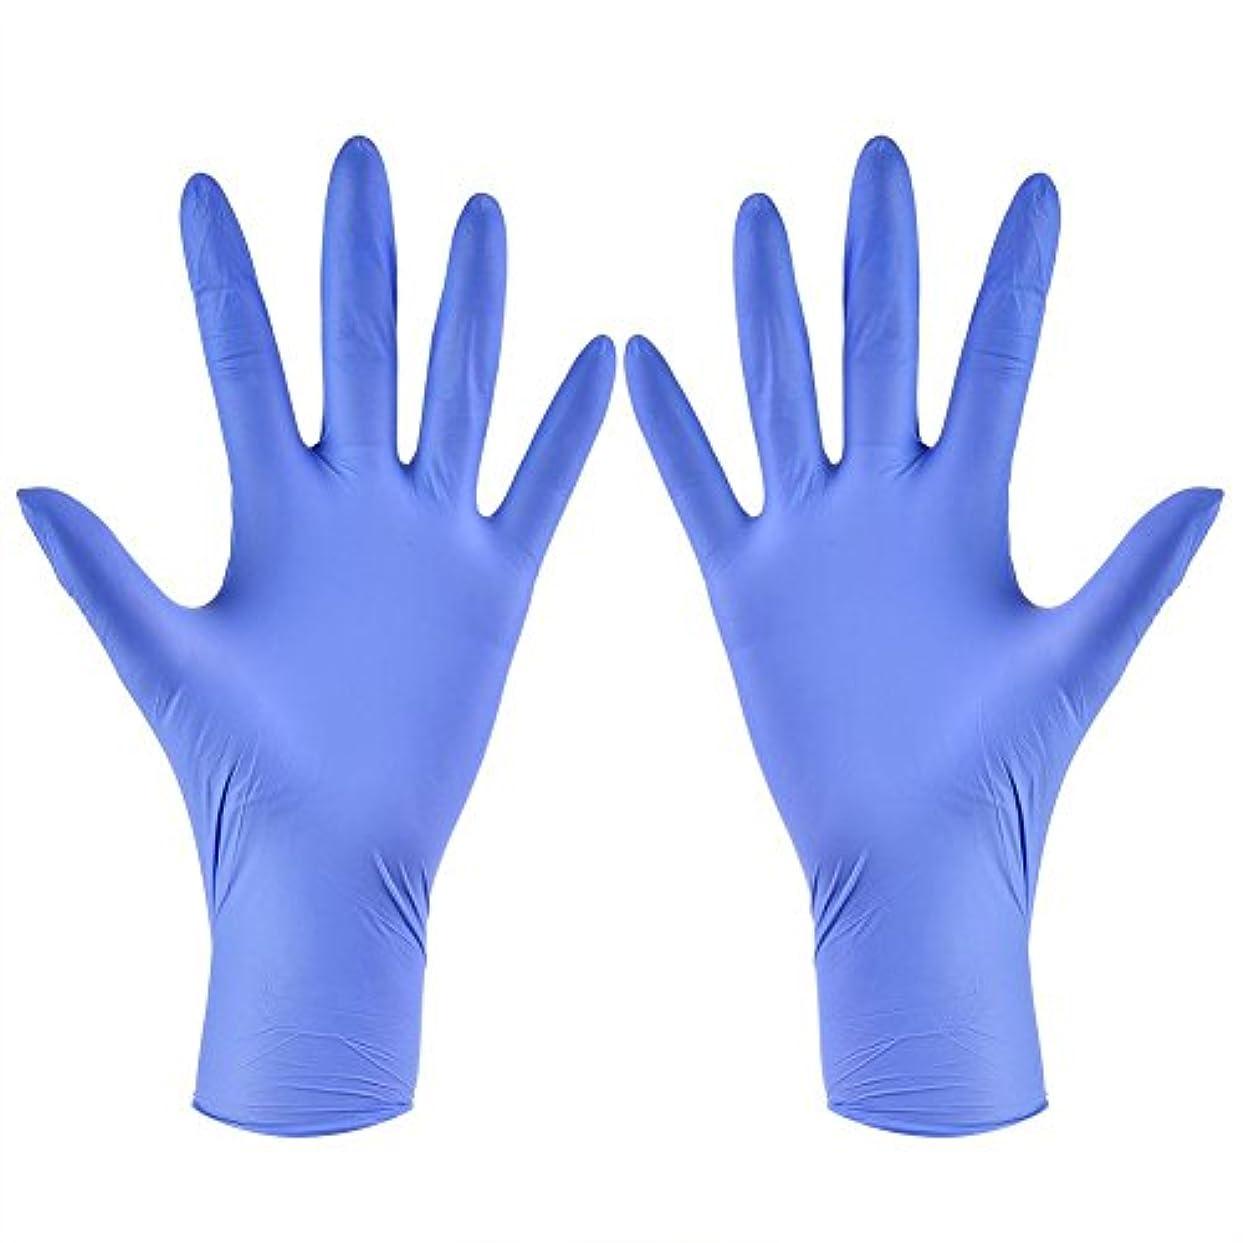 使い捨て手袋 ニトリルグローブ ホワイト 粉なし タトゥー/歯科/病院/研究室に適応 S/M/L/XL選択可 100枚 左右兼用(XL)